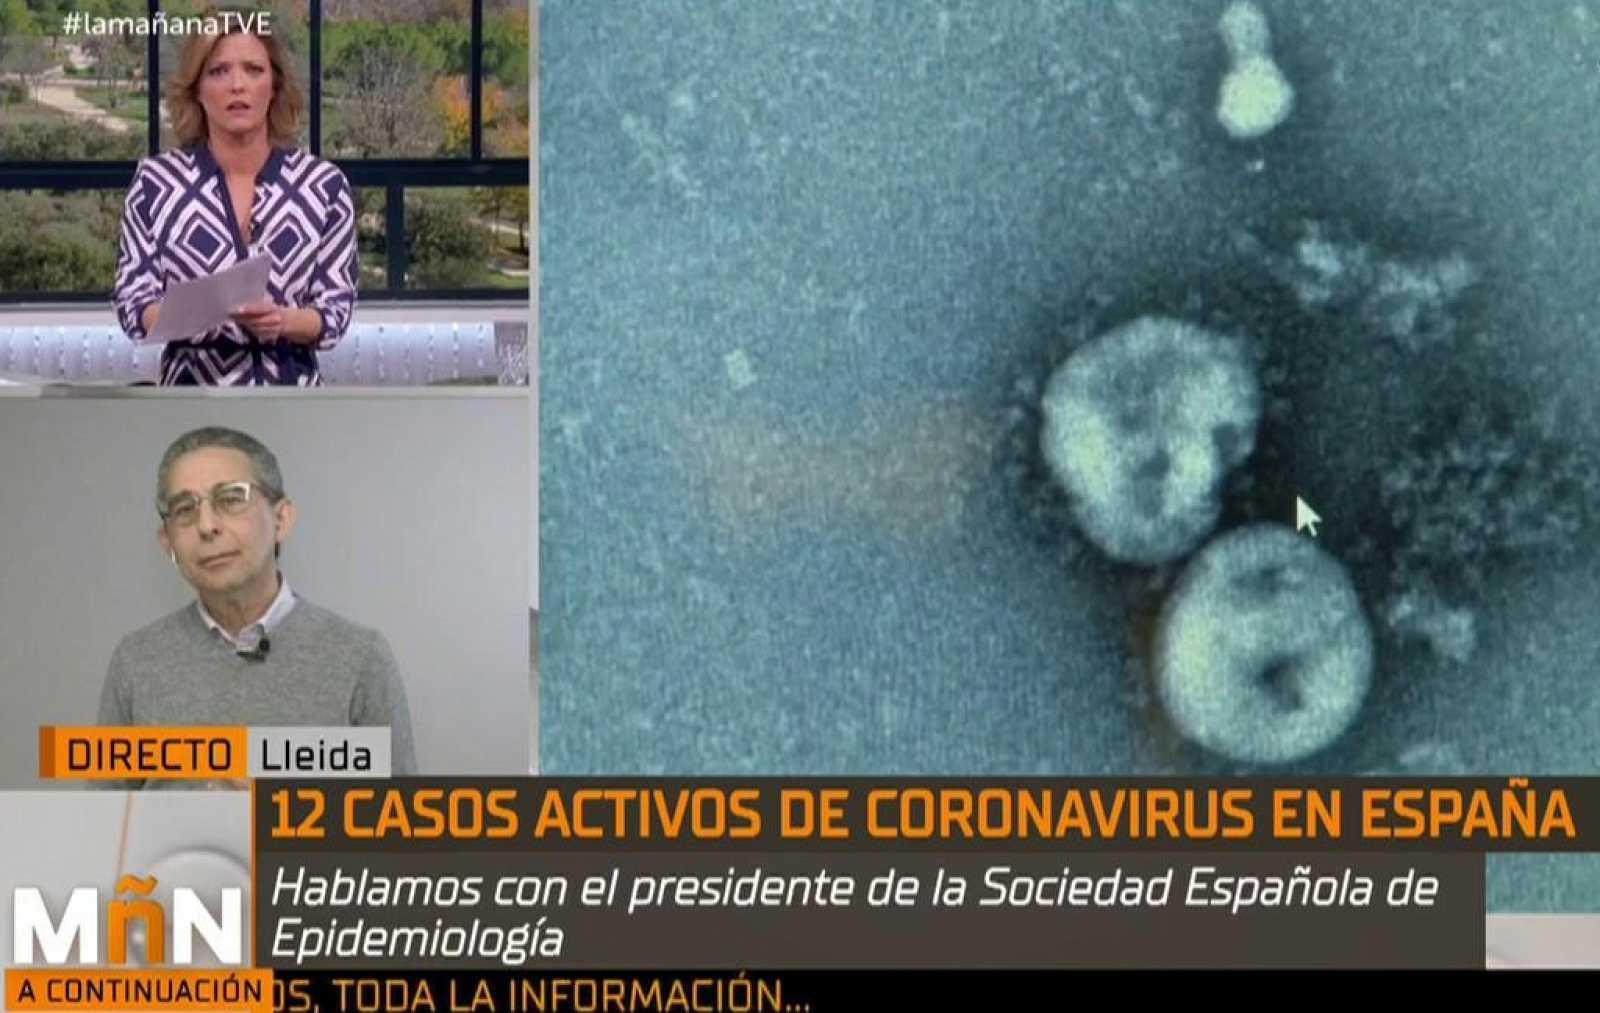 """La Mañana - El experto Pere Godoy avisa: """"El miedo y uso de masivo de mascarillas está injustificado"""""""